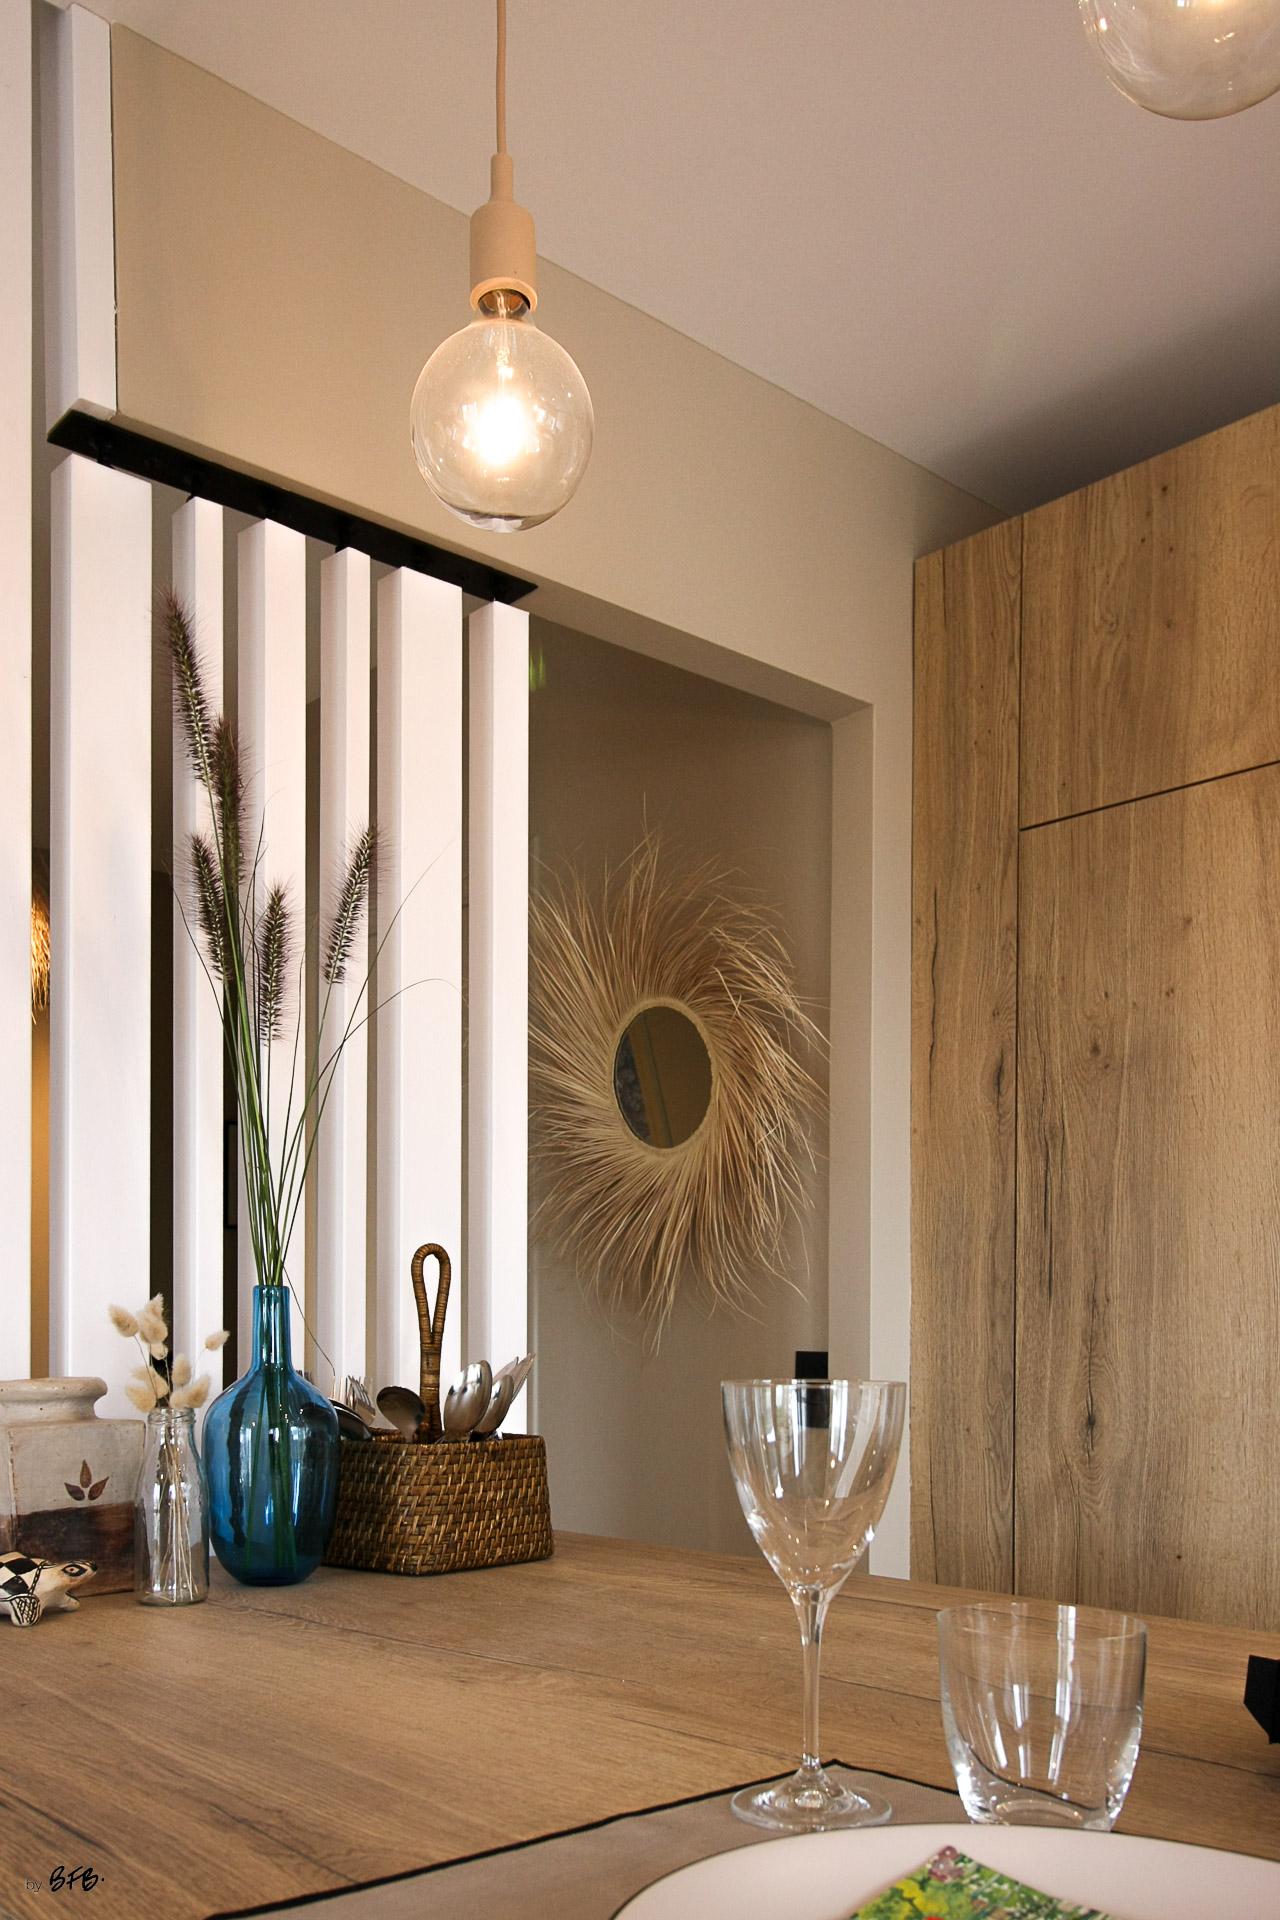 Rénovation appartement Ploemeur by Agence BFB Morbihan et Ile de Ré, la cuisine,le claustra, le miroir en fibres naturelles